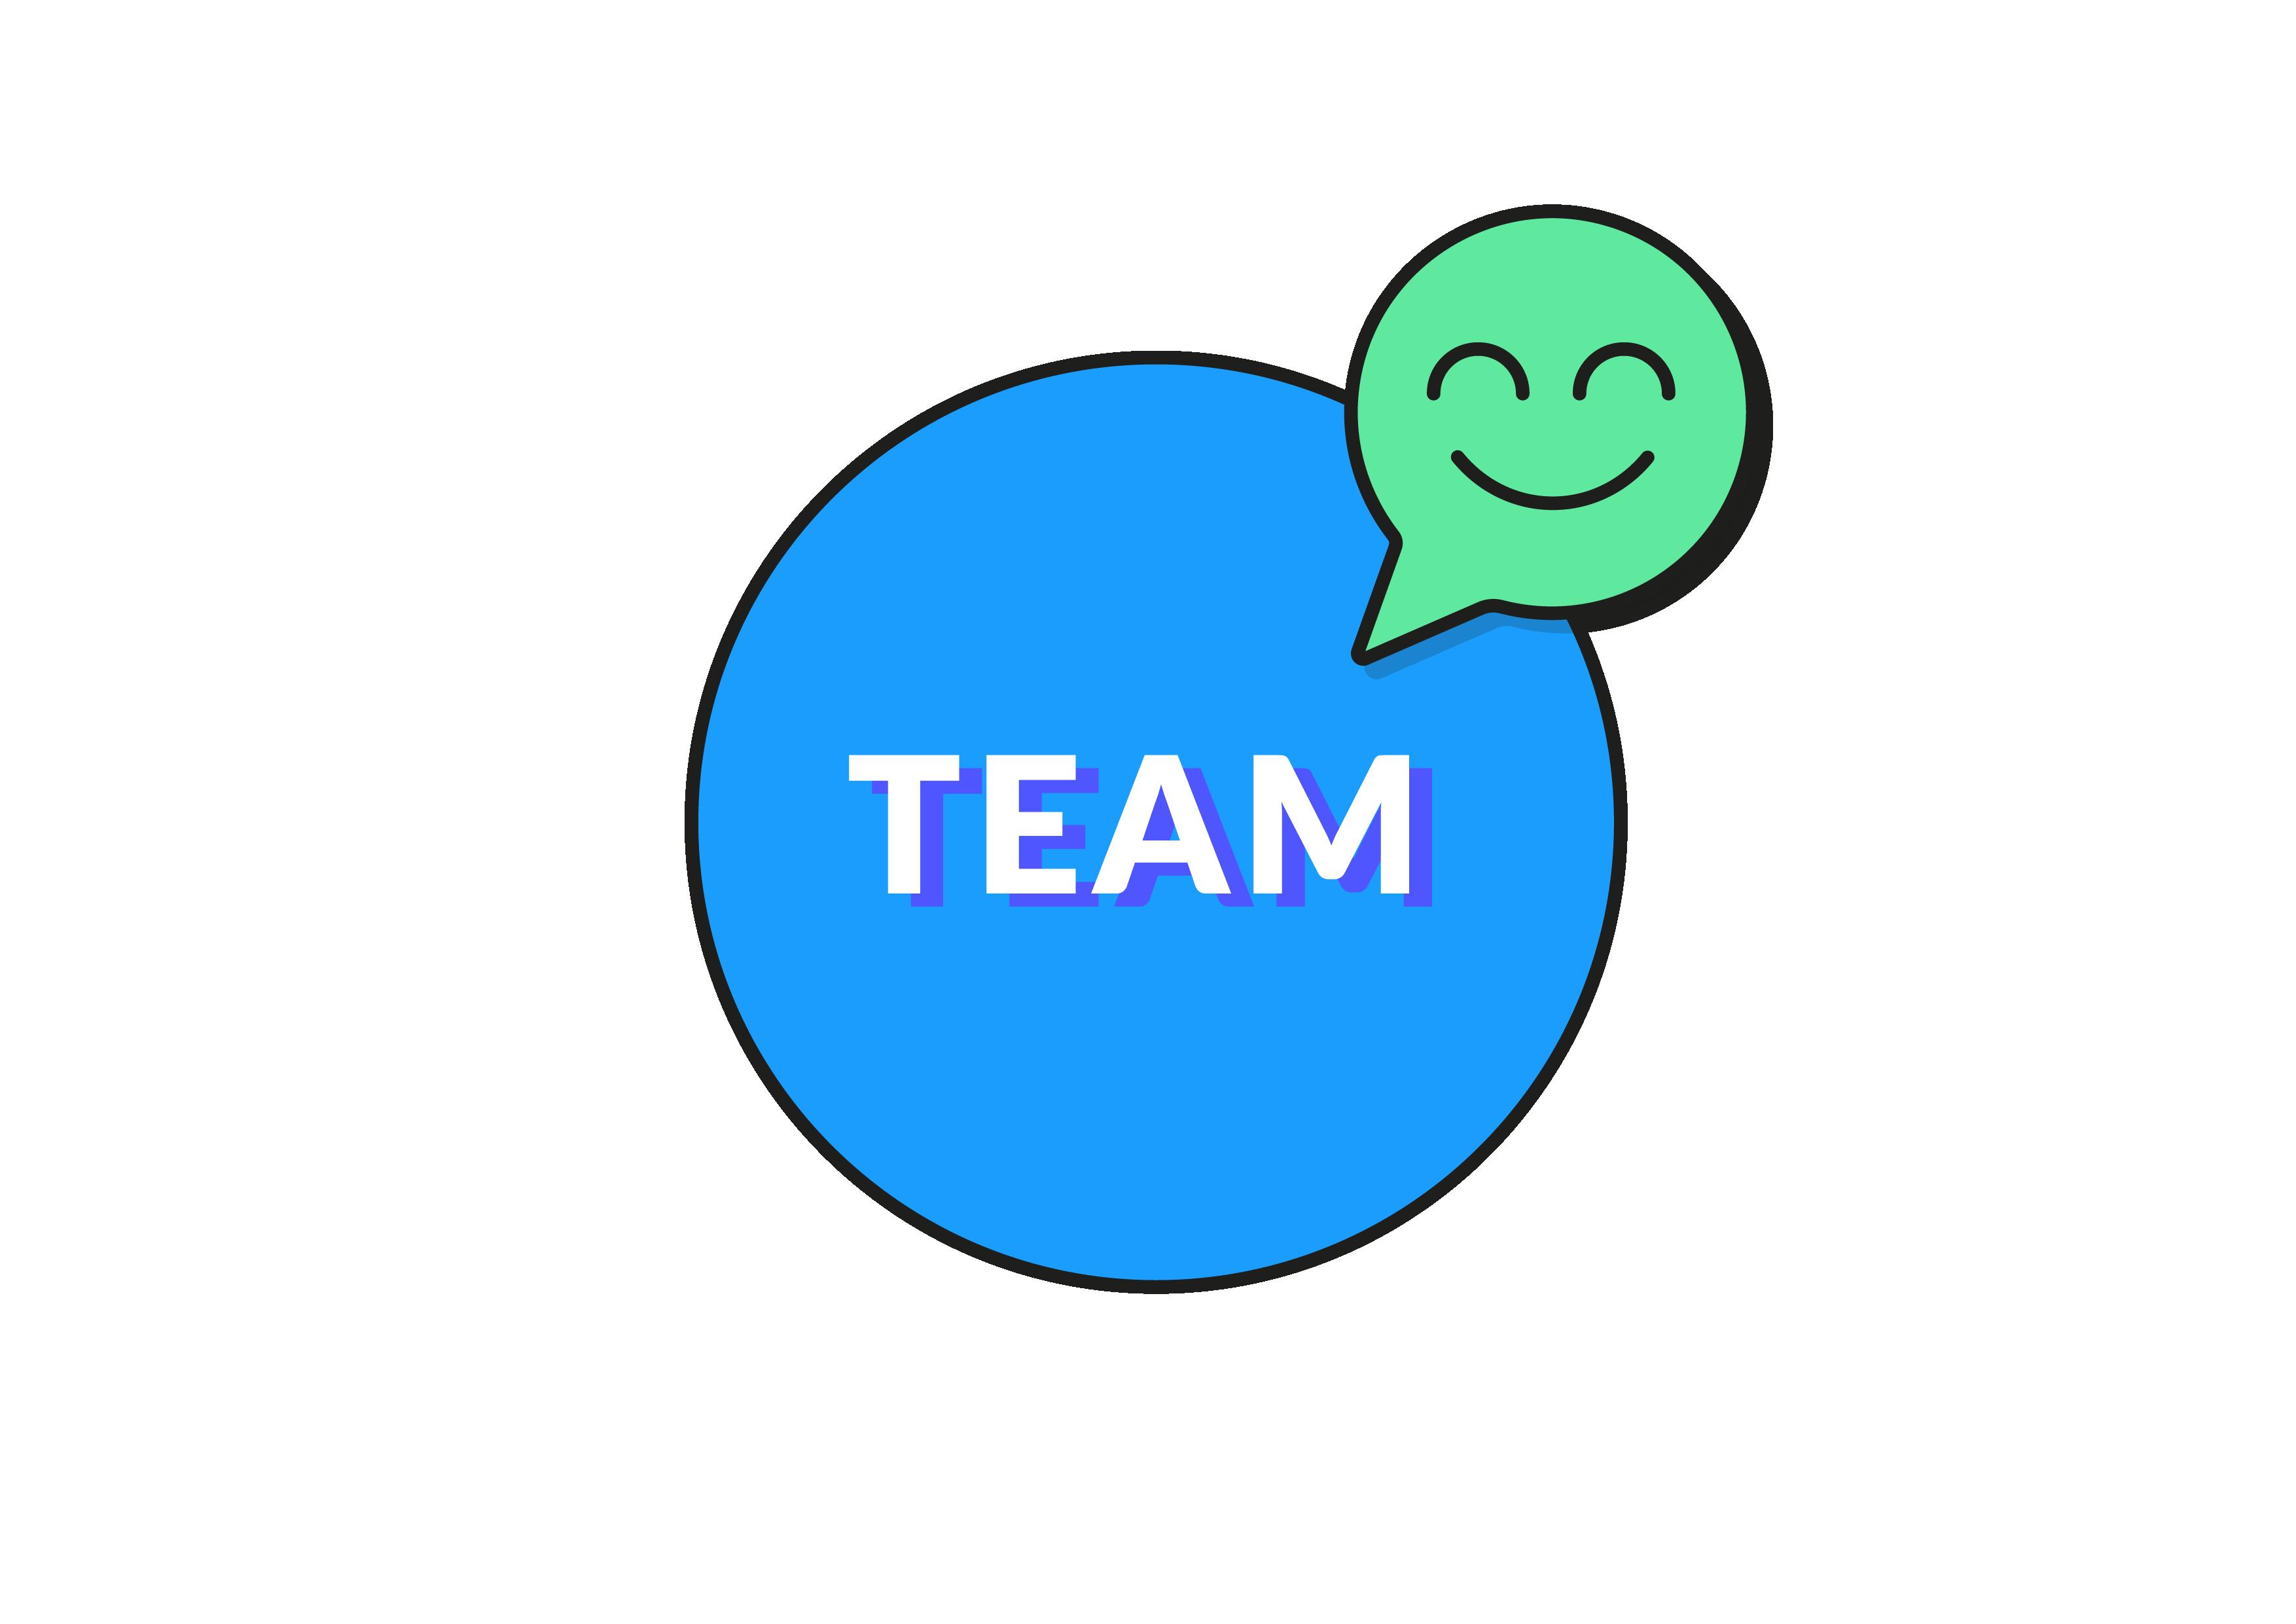 Les avis clients, outil de Management positif